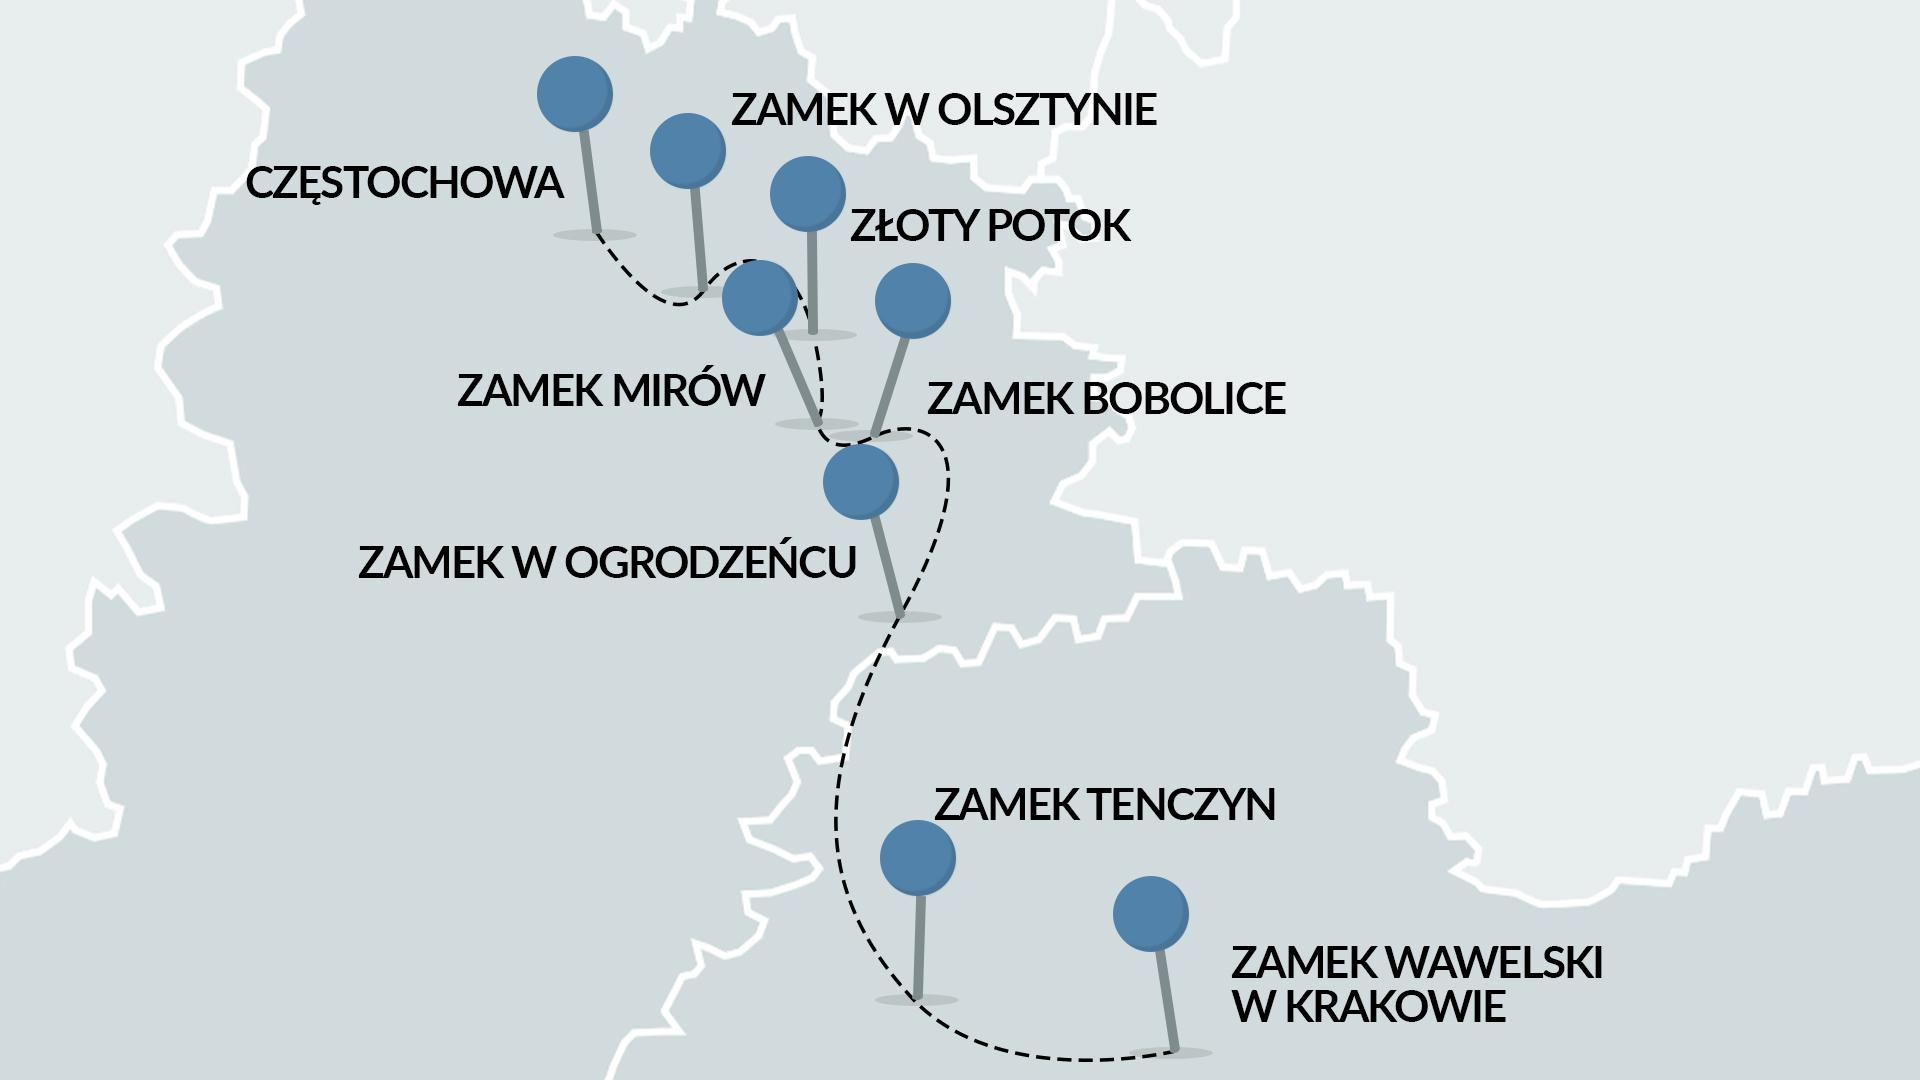 Jura Krakowsko-Częstochowska narowerze - mapa zzaznaczoną trasą